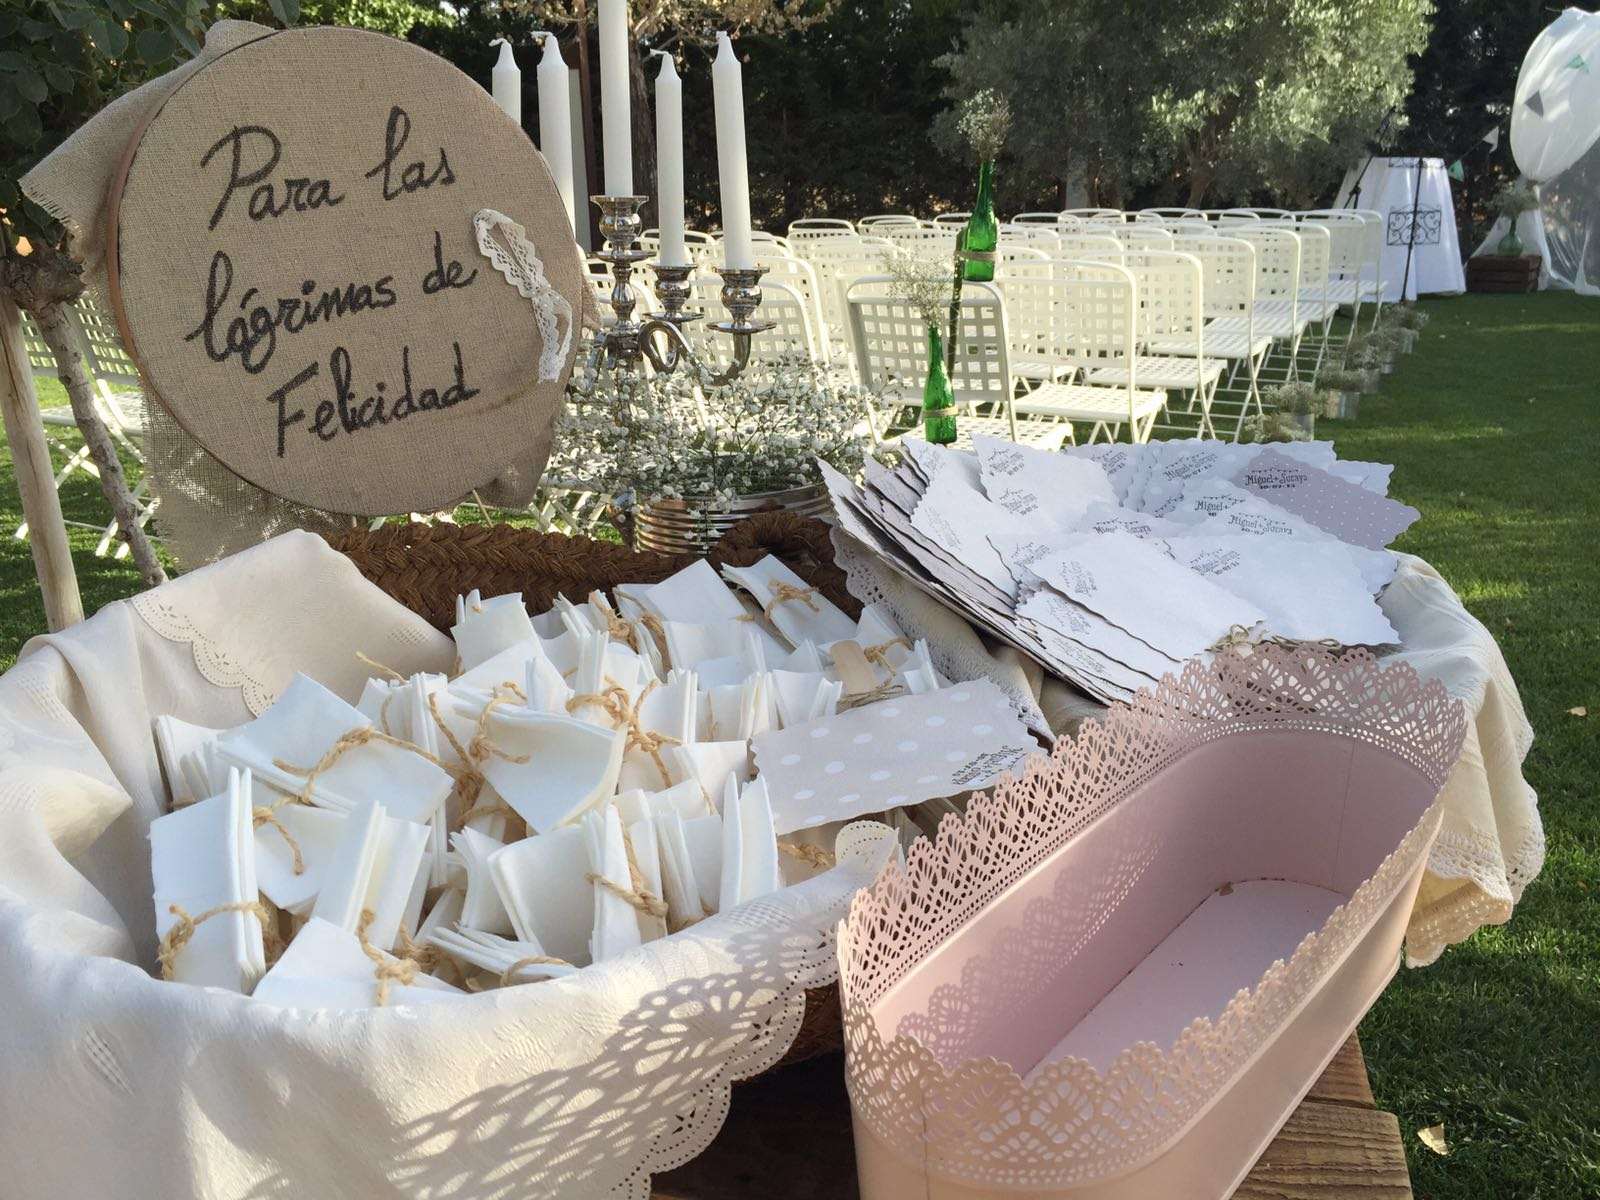 Una boda vintage en los salones de los chopos la gineta for Boda vintage